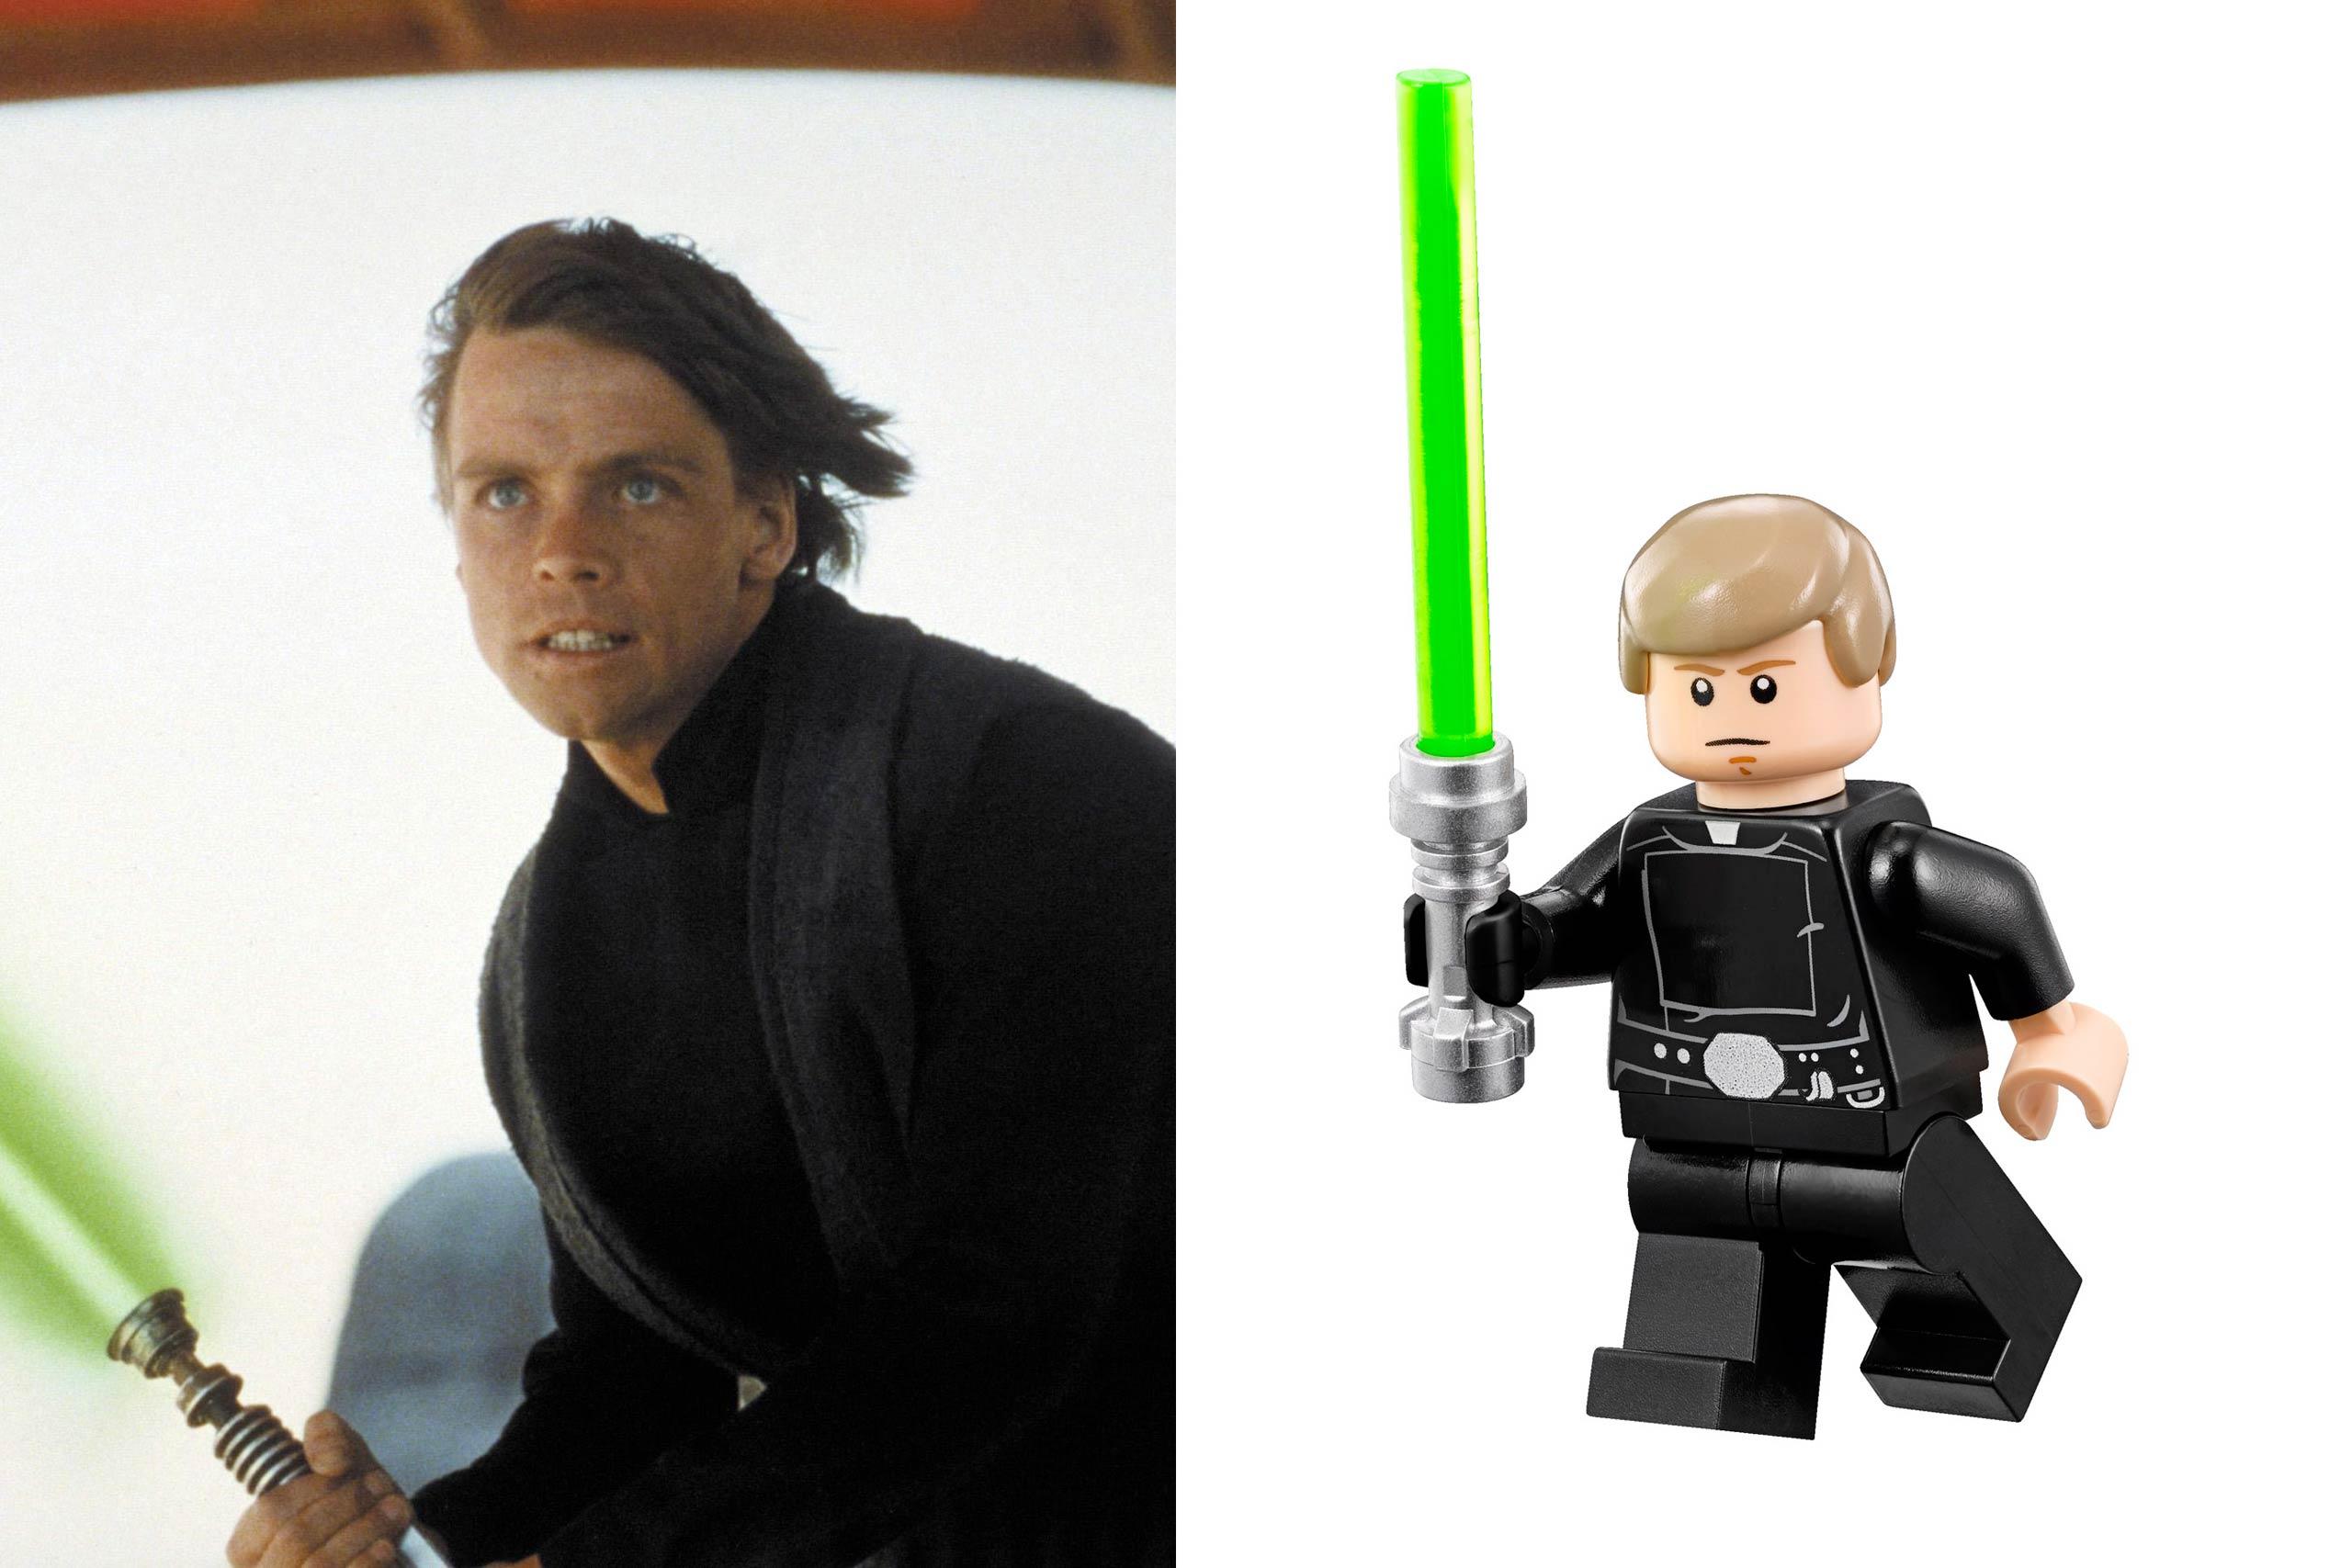 <strong>Mark Hamill: Luke Skywalker</strong>